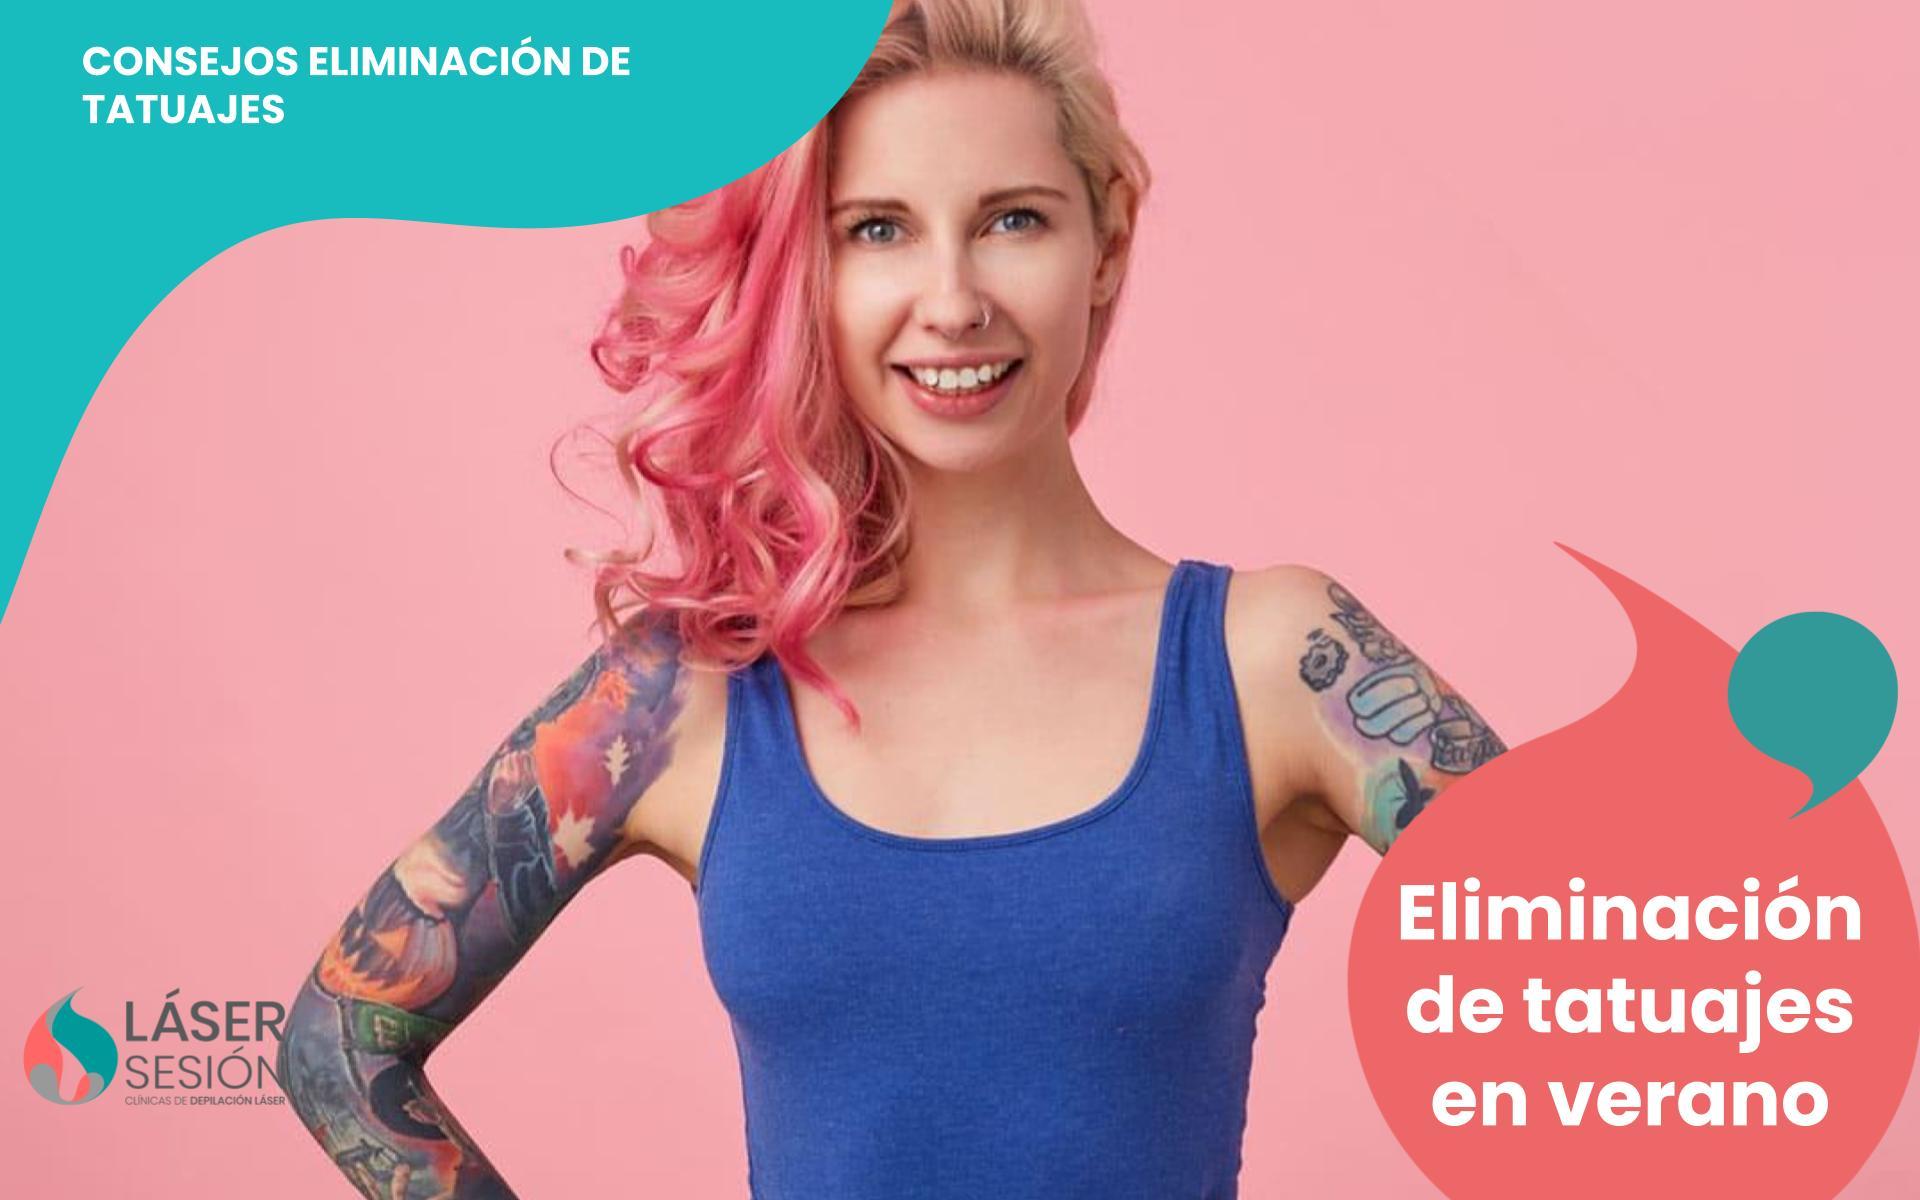 Eliminación de tatuajes en verano